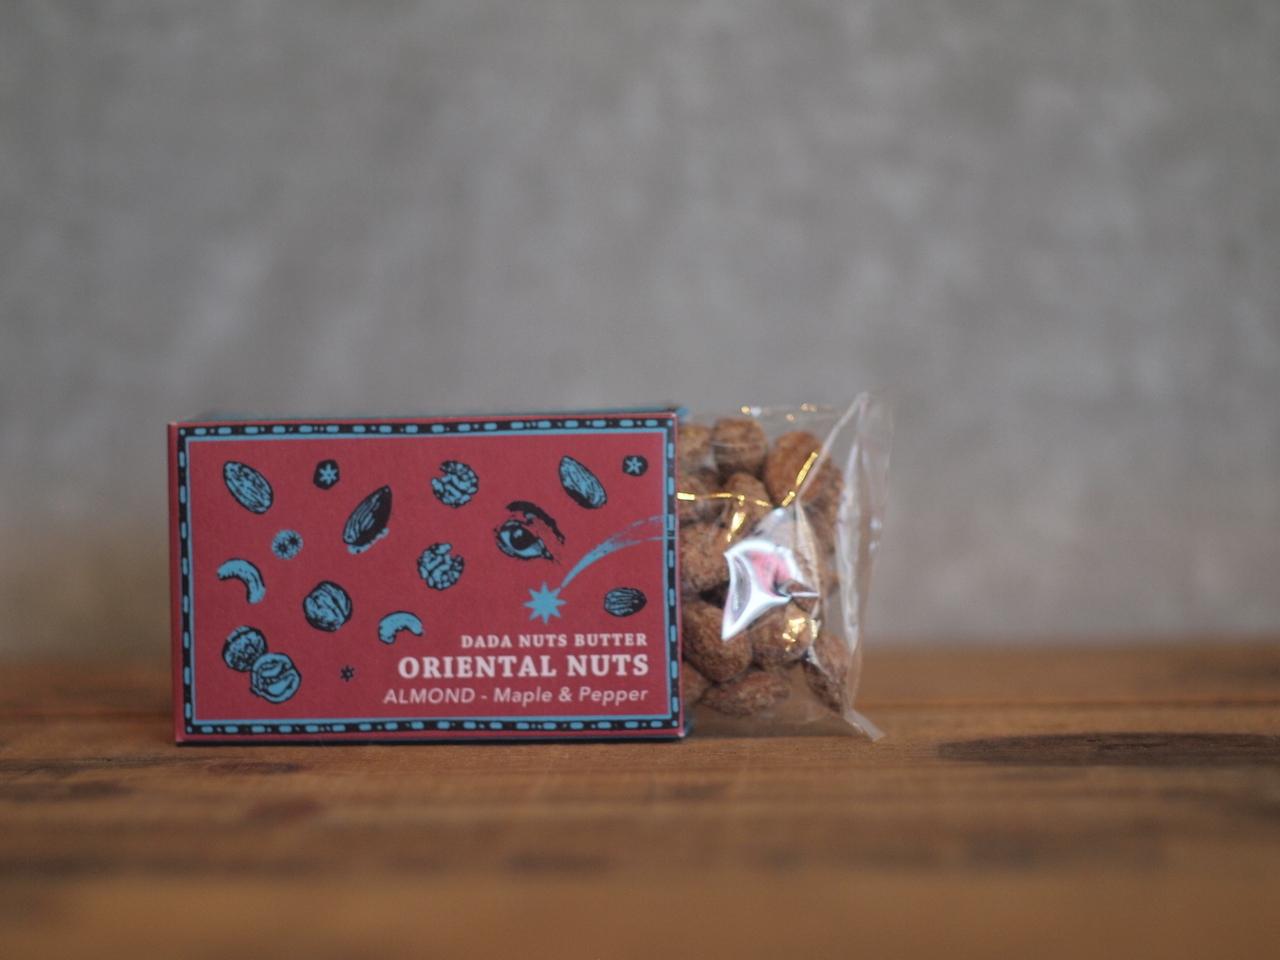 ORIENTAL NUTS [ALMOND - maple & peppar]